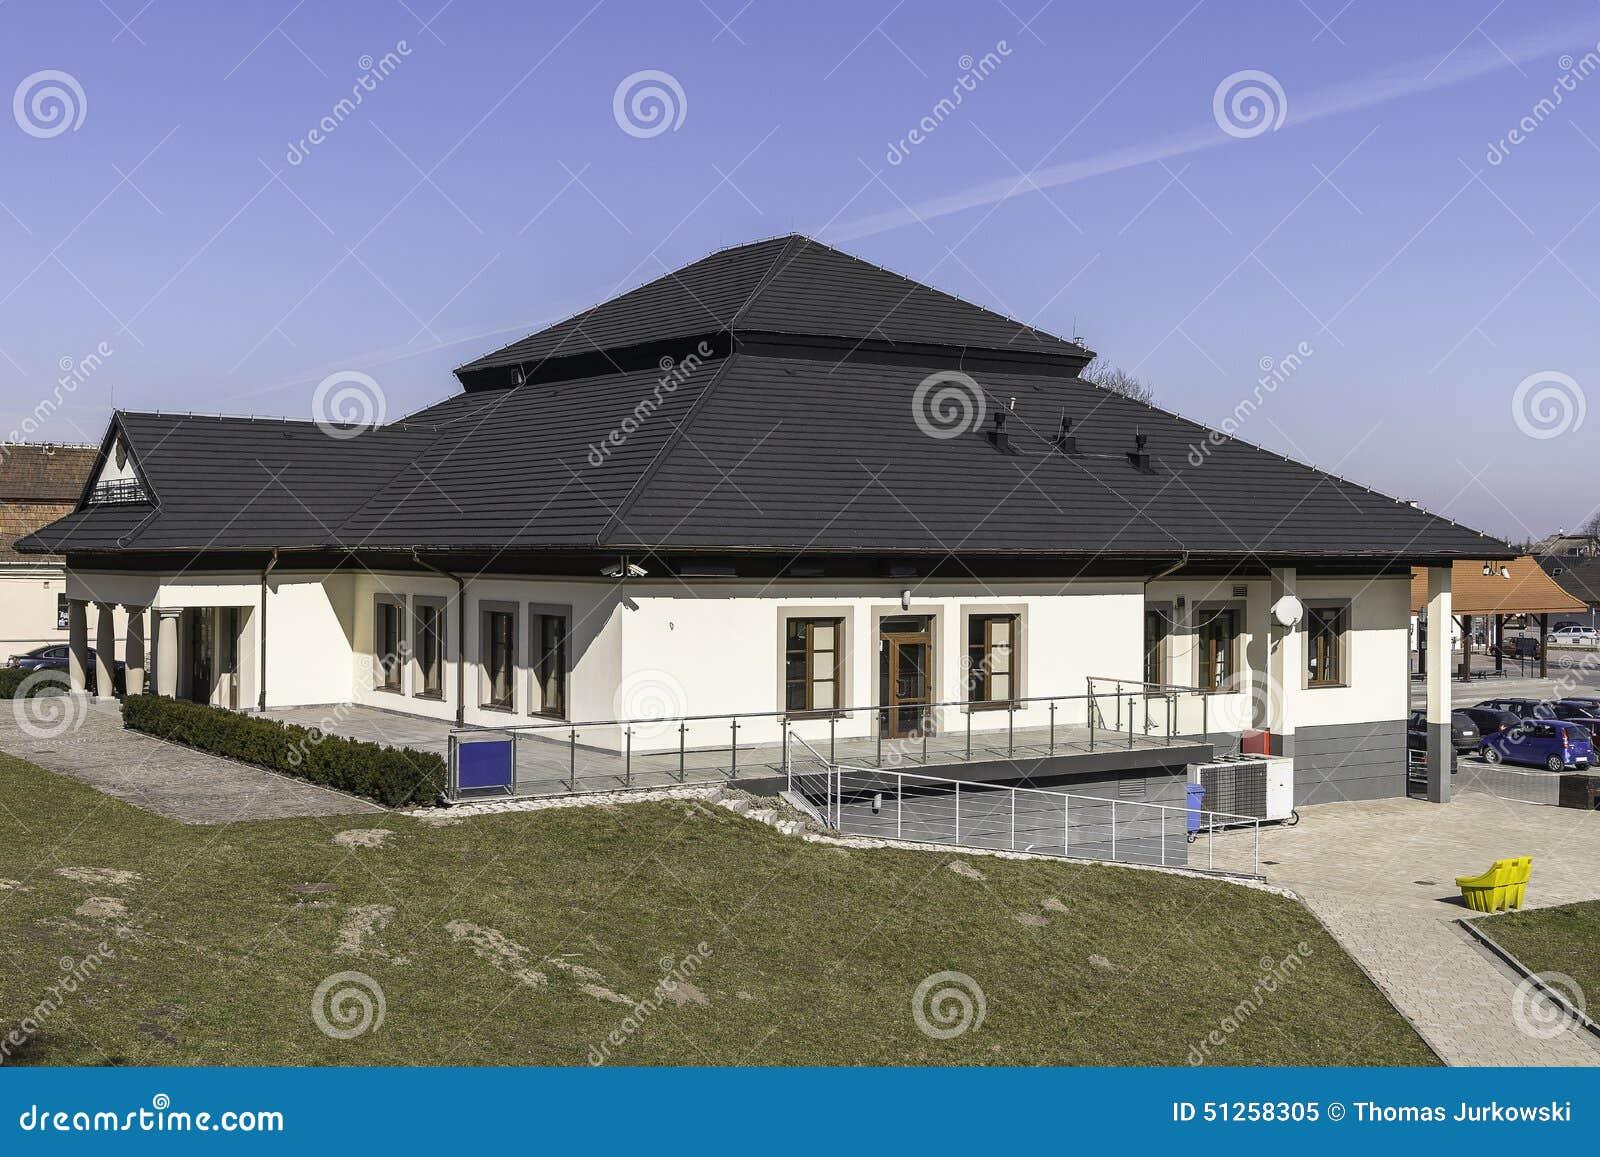 Kleines Burohaus Stockbild Bild Von Burohaus Kleines 51258305